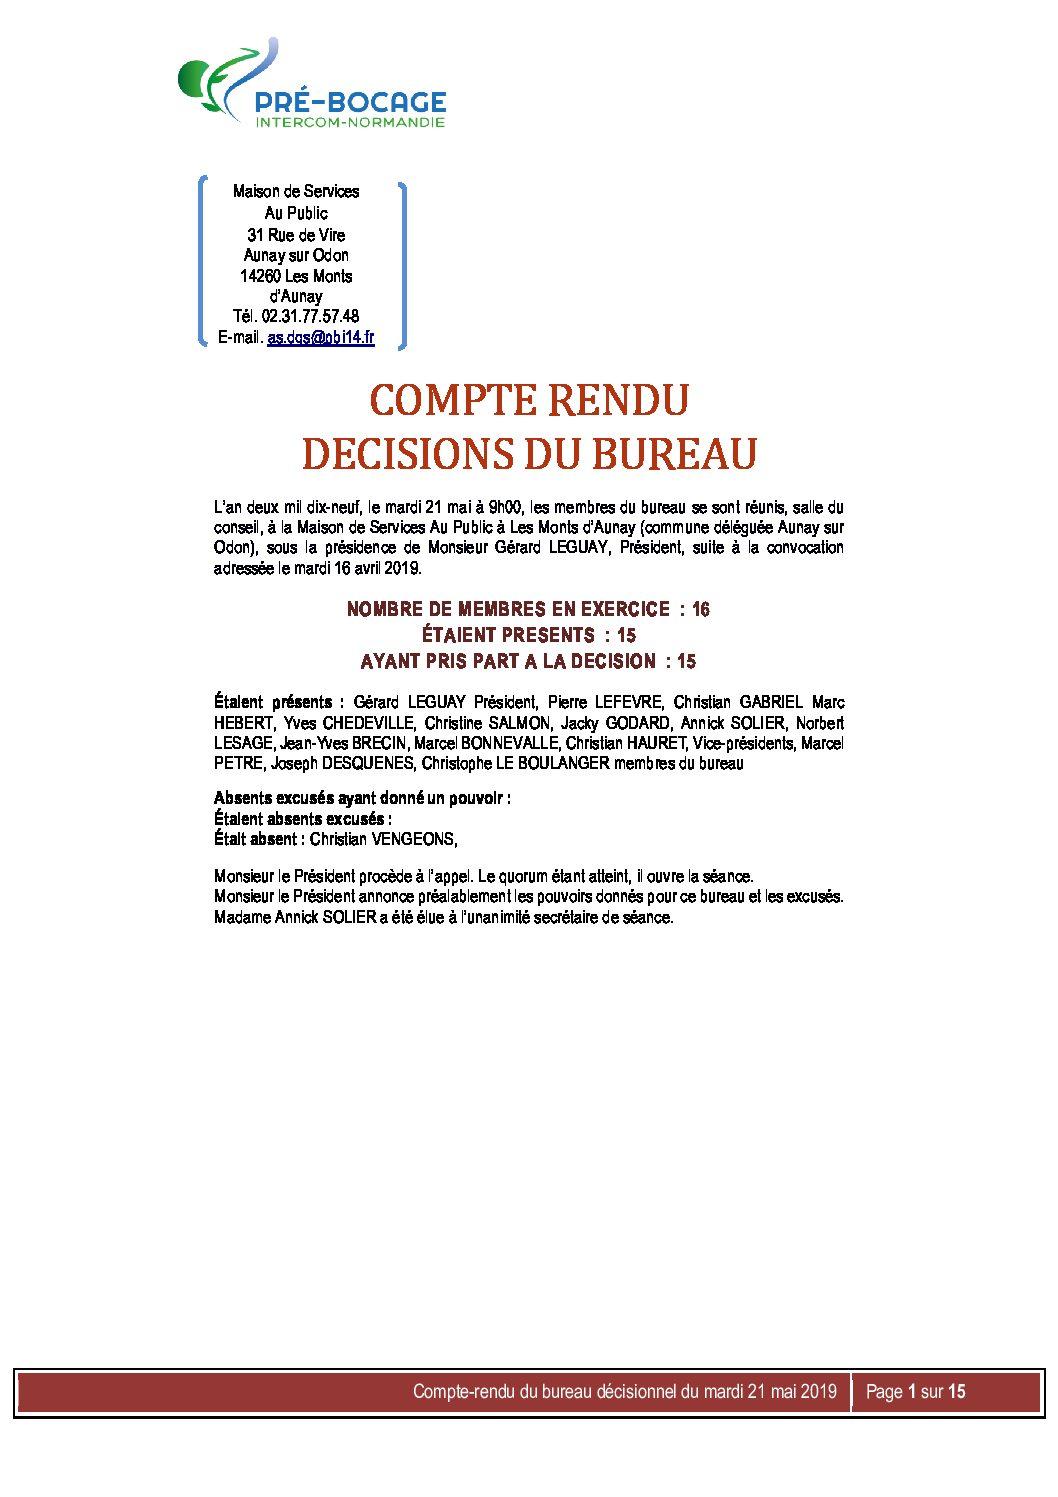 CR Bureau du 21 mai 2019